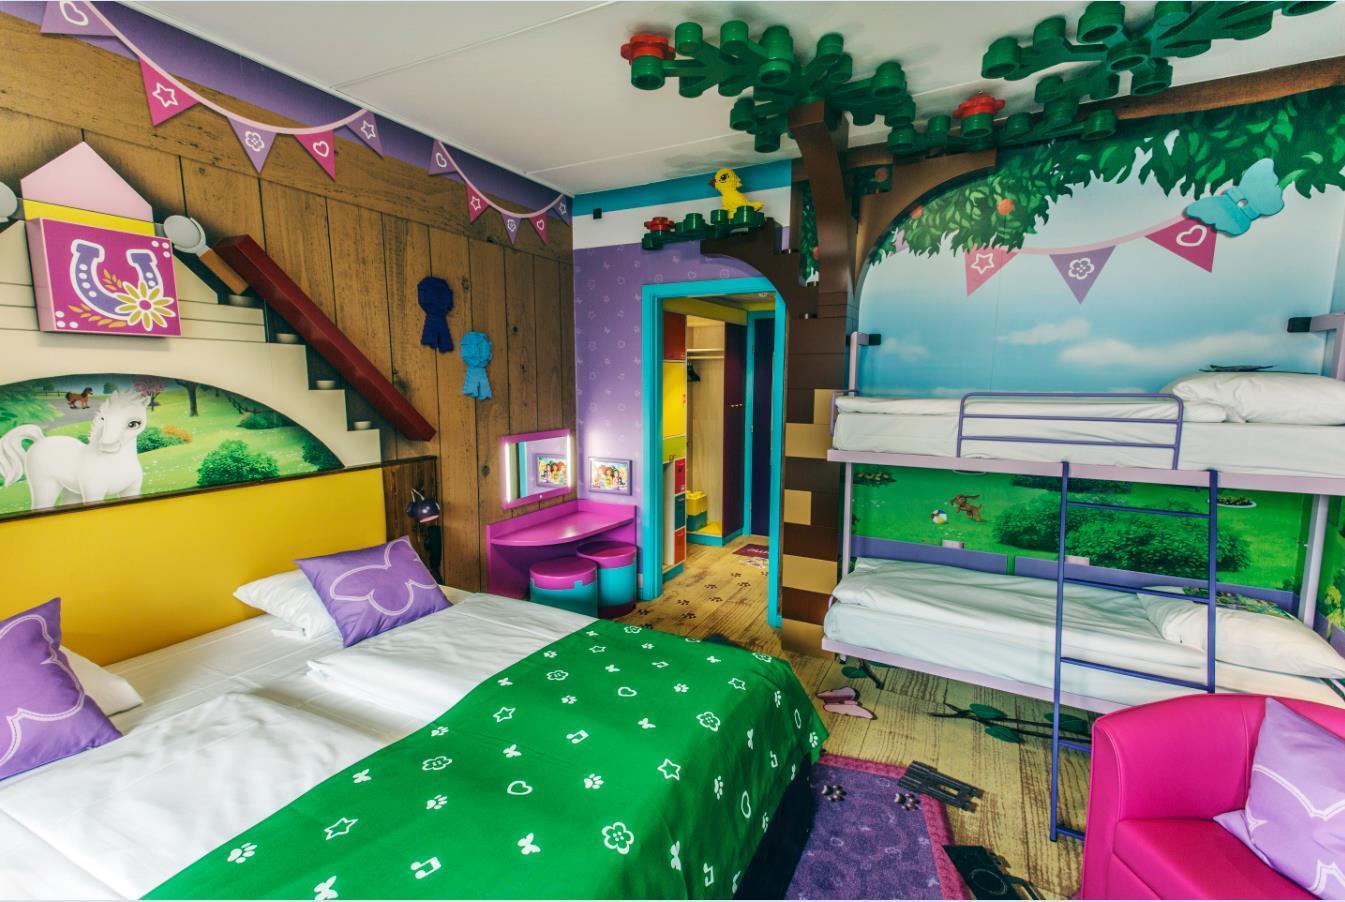 LEGOLAND Hotel - Family Resorts in Florida - LEGOLAND